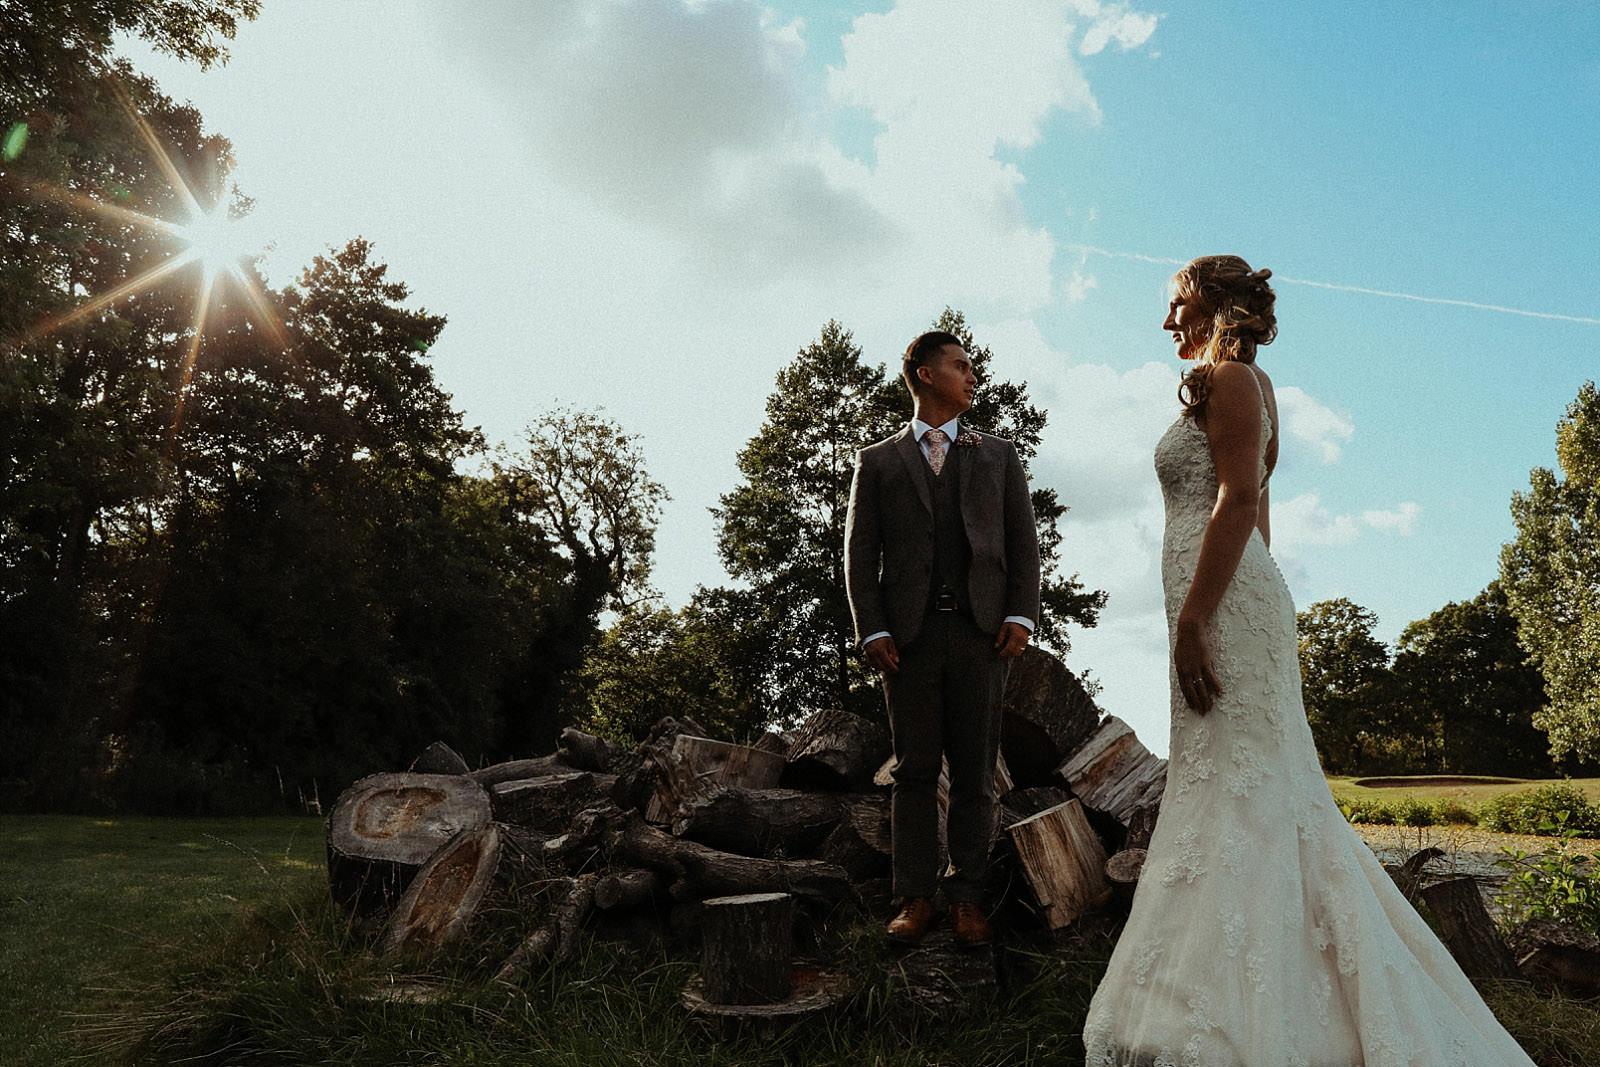 bide and groom pose on log pile